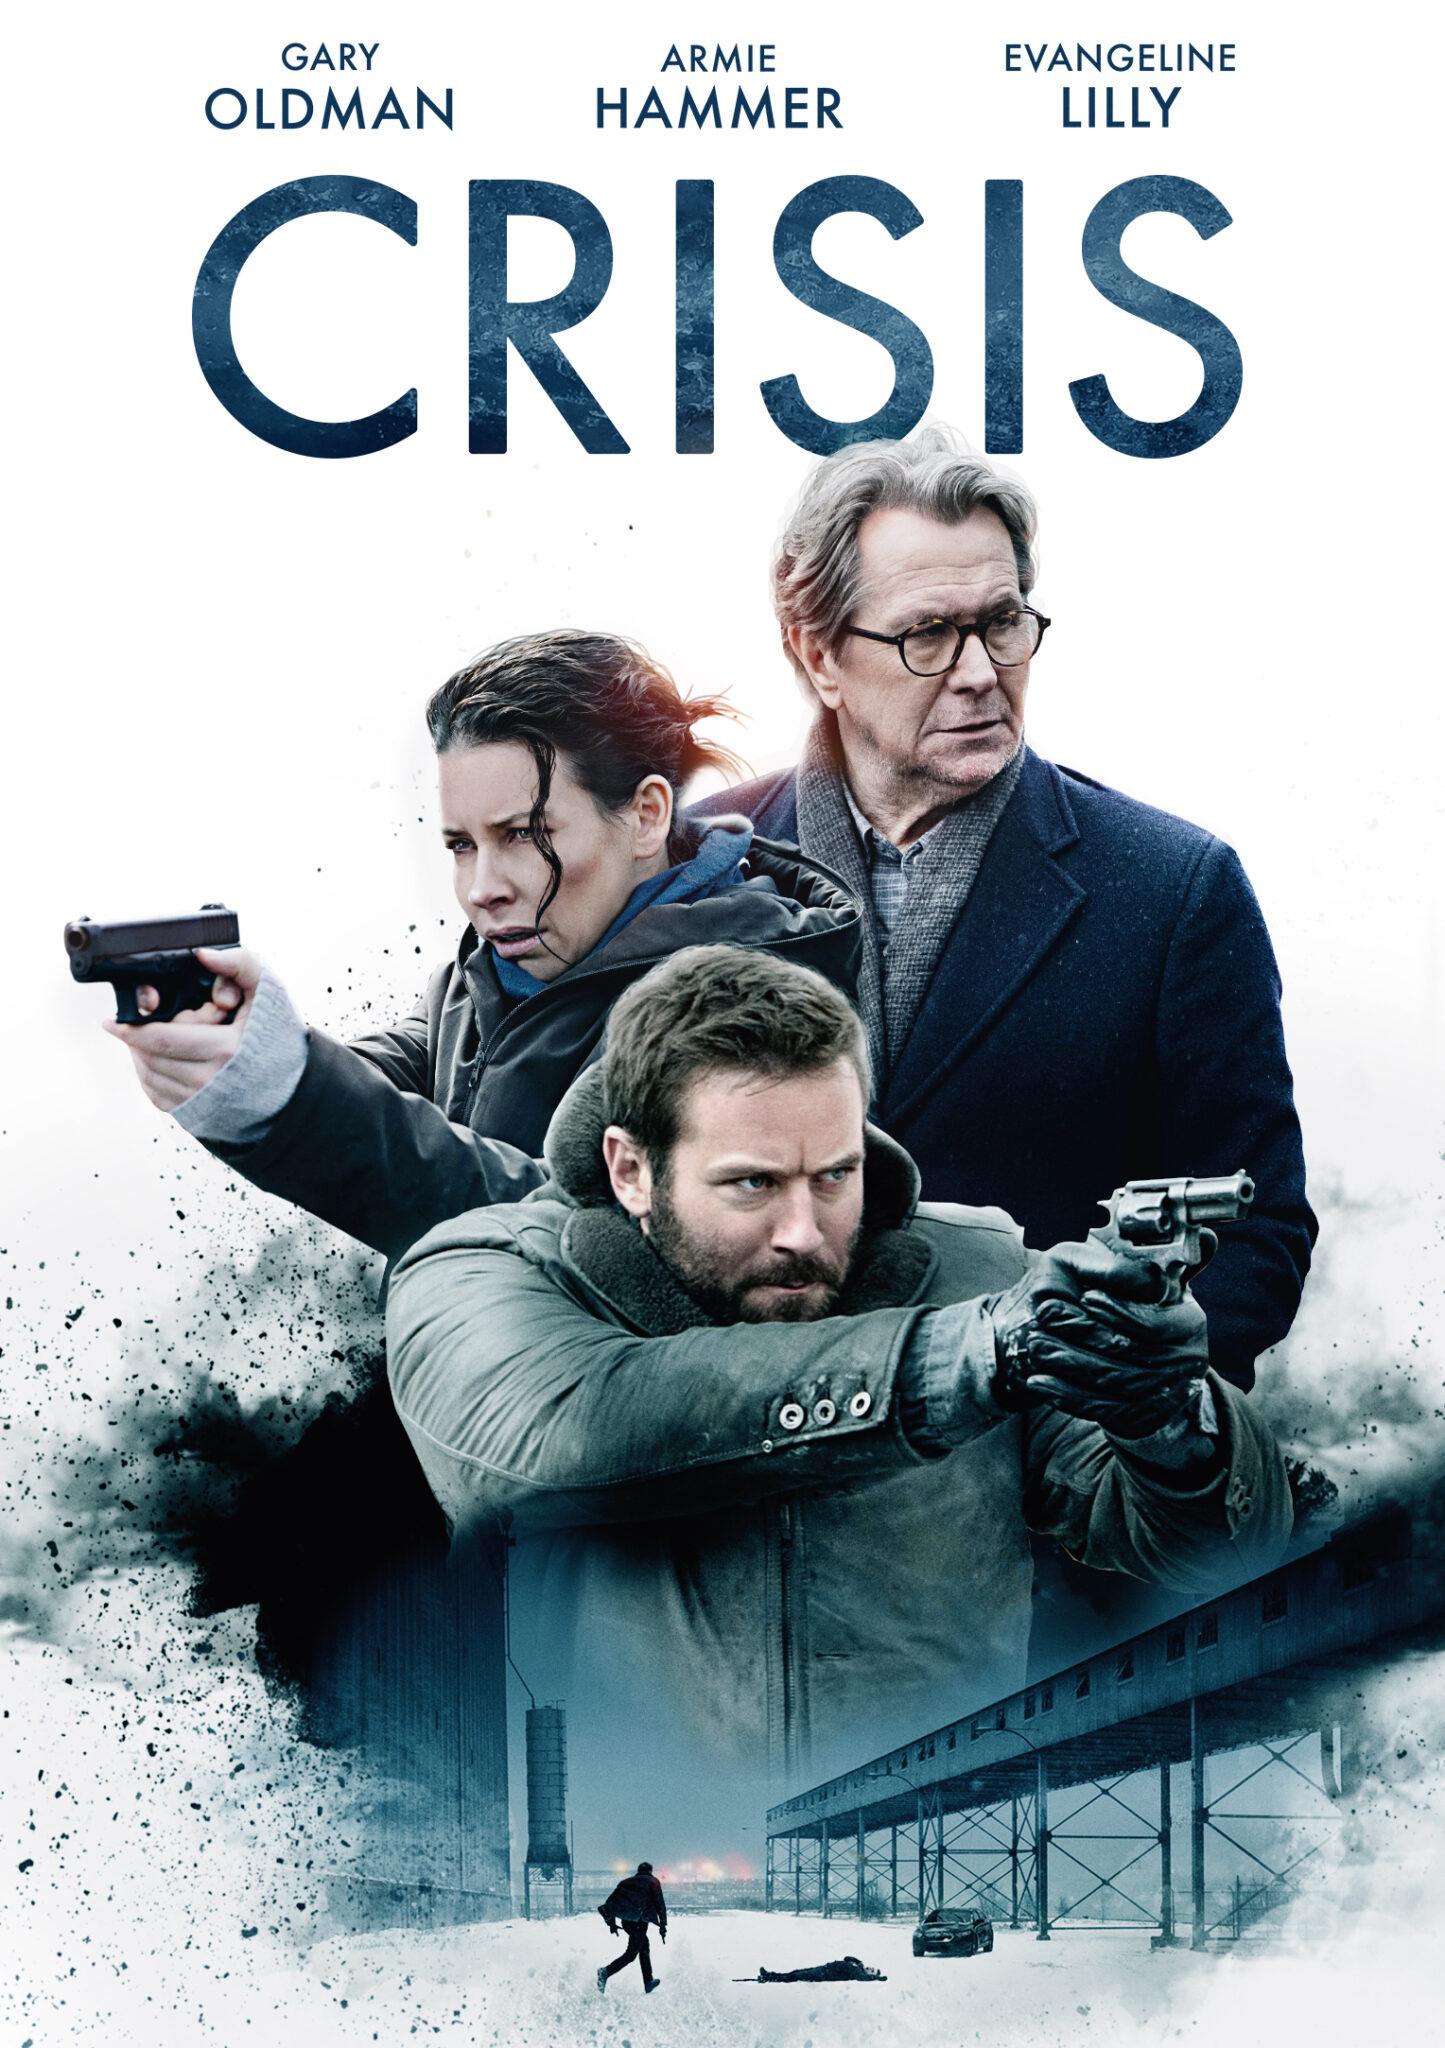 Das Plakat des Films Crisis zeigt die drei Protagonisten, Gary Oldman, Armie Hammer und Evangeline Lilly, sowie den Titel in Großbuchstaben vor weißem Hintergrund.